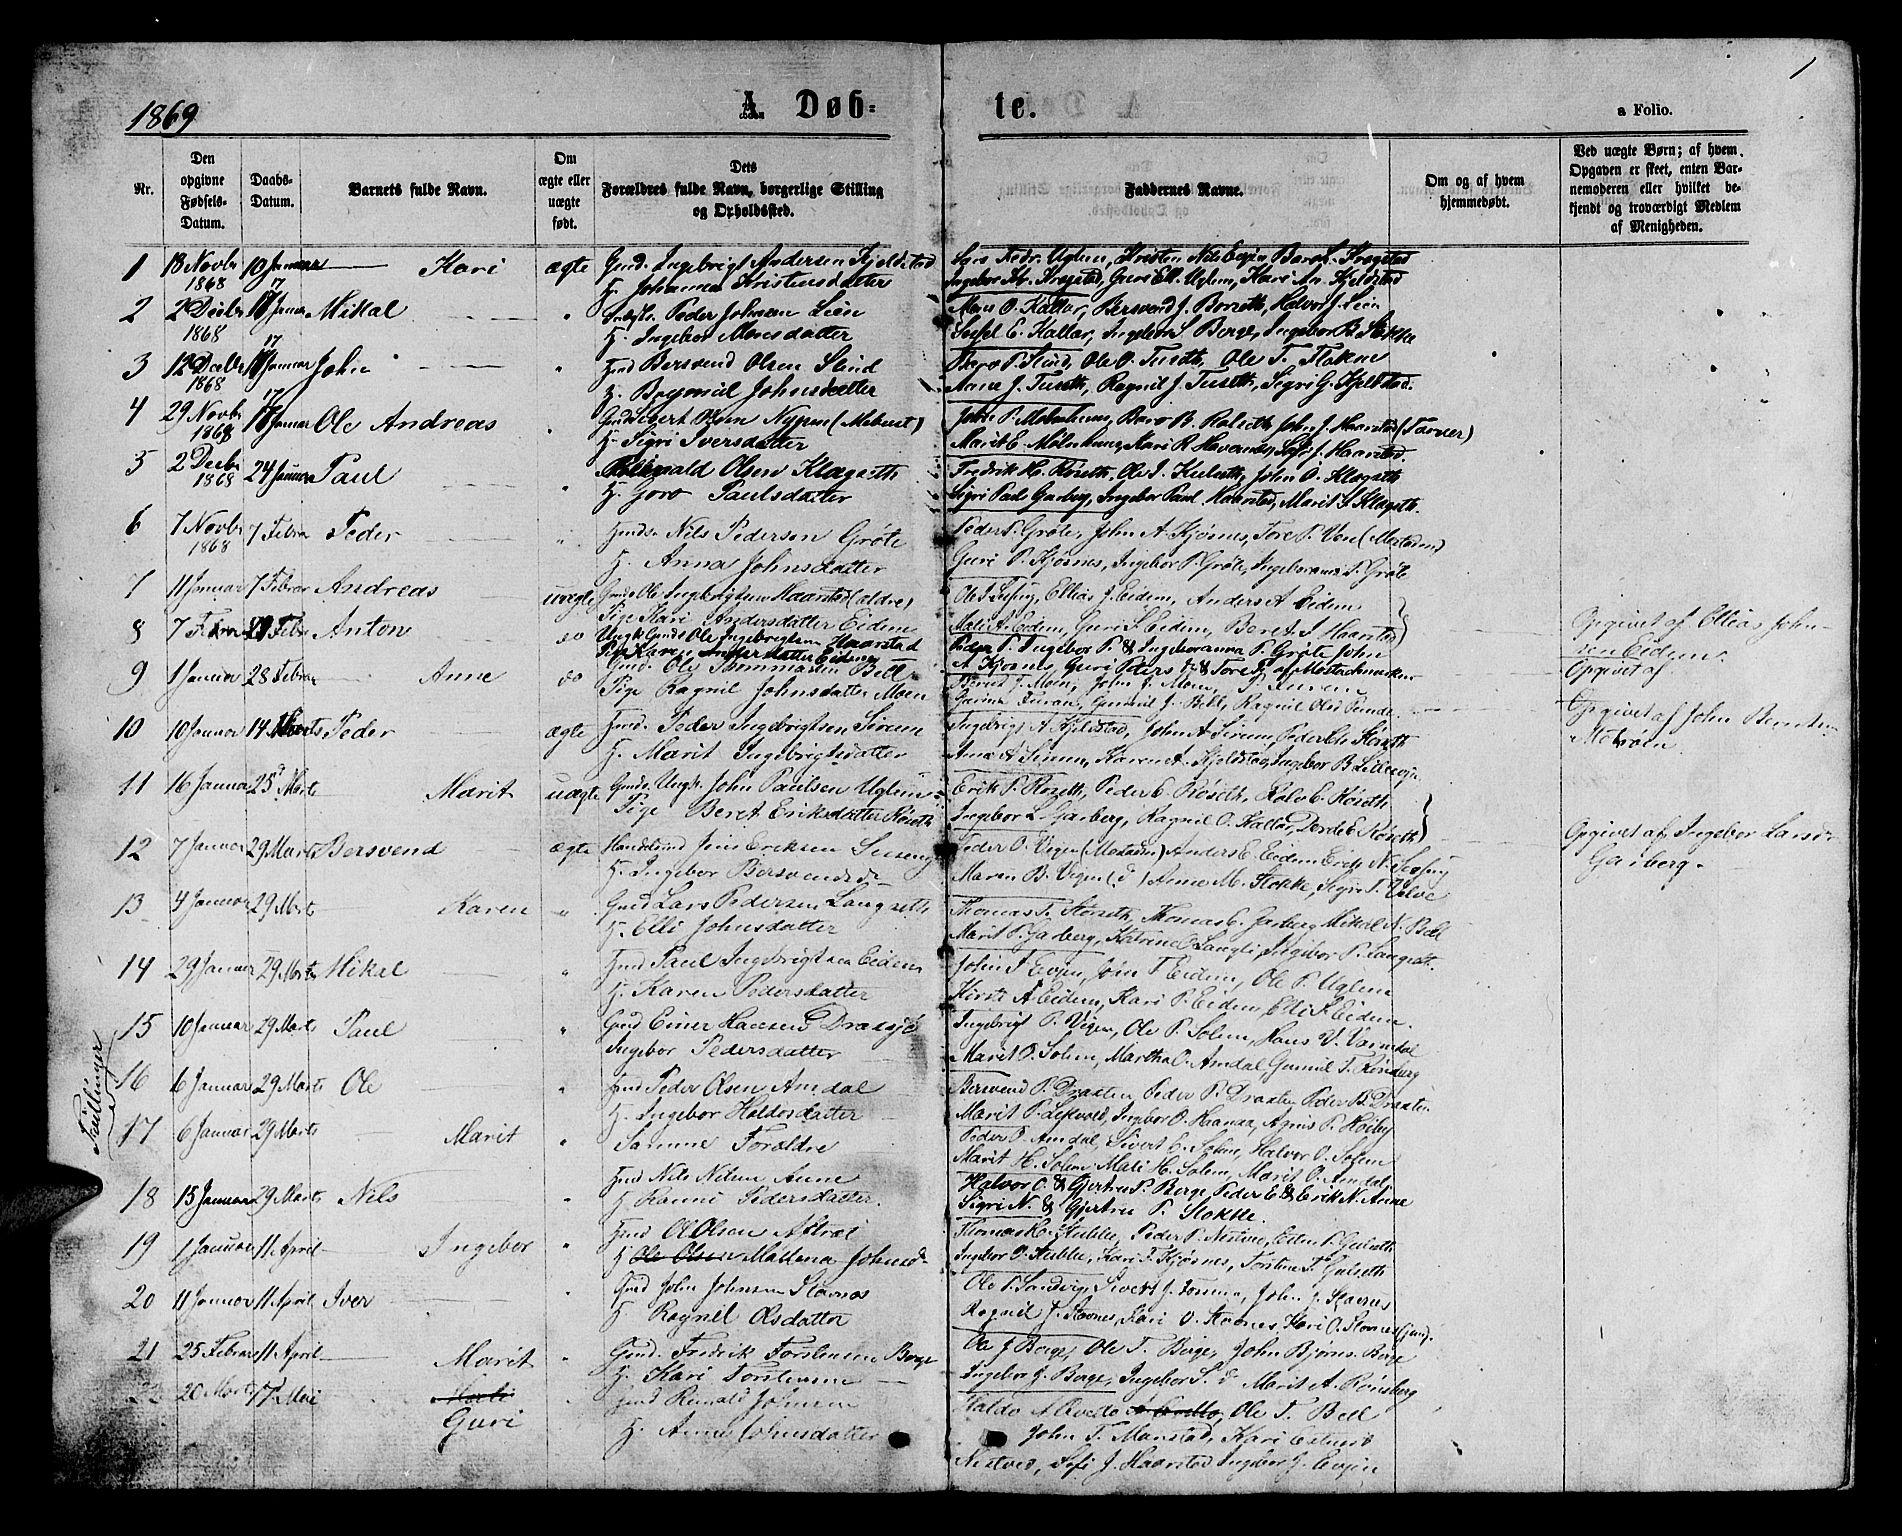 SAT, Ministerialprotokoller, klokkerbøker og fødselsregistre - Sør-Trøndelag, 695/L1156: Klokkerbok nr. 695C07, 1869-1888, s. 1